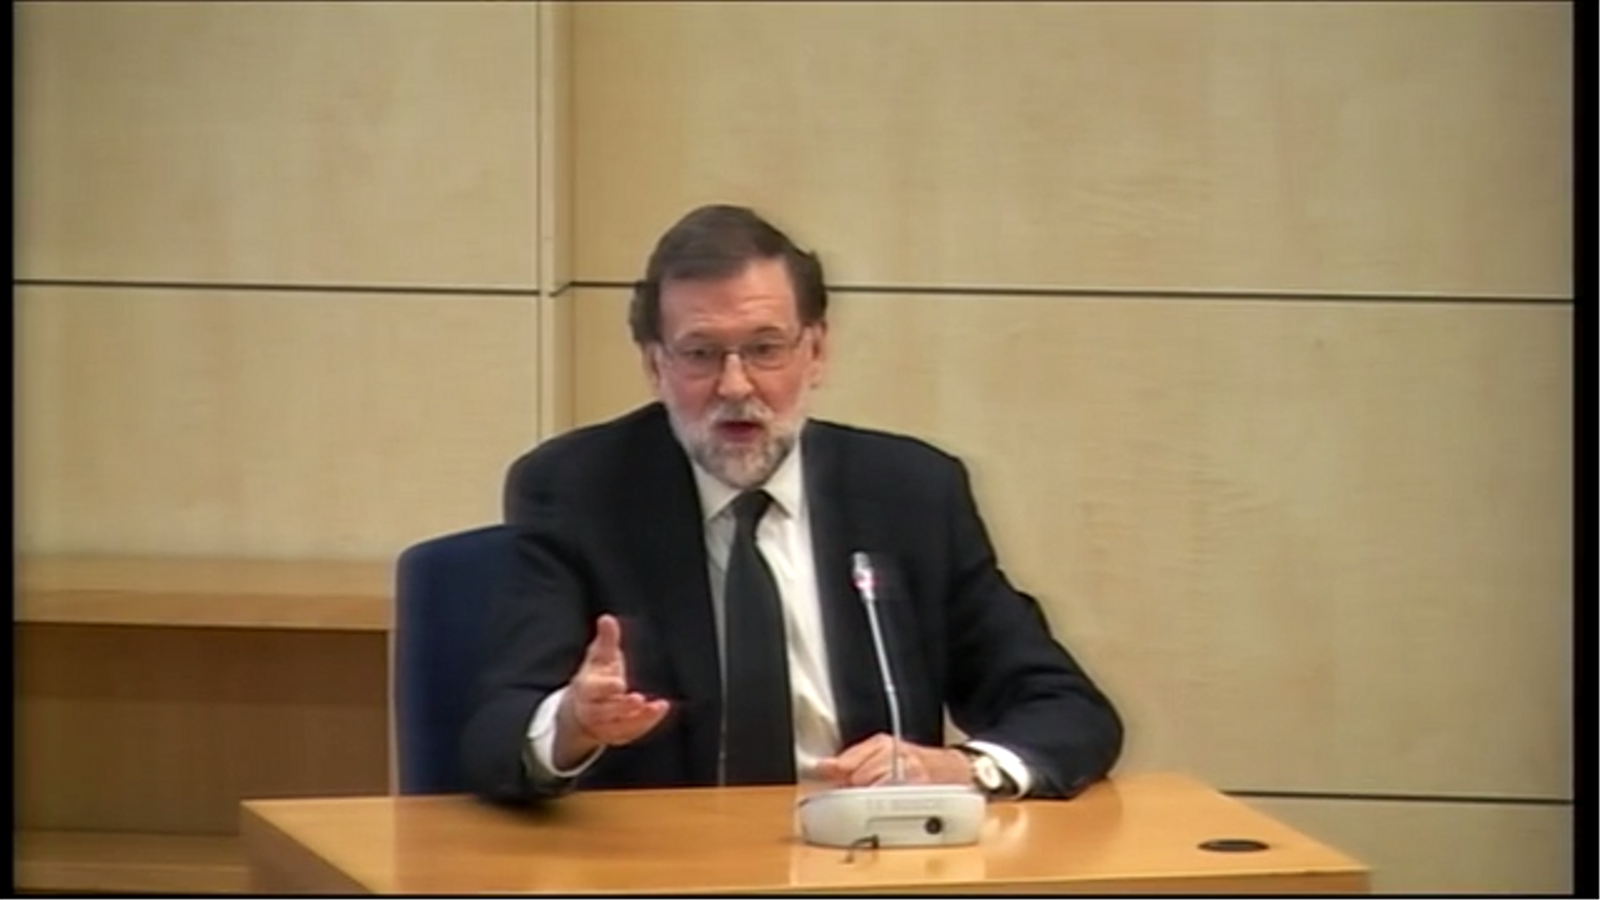 Rajoy defensa que no va fer absolutament res per ajudar Bárcenas tot i enviar-li missatges de suport